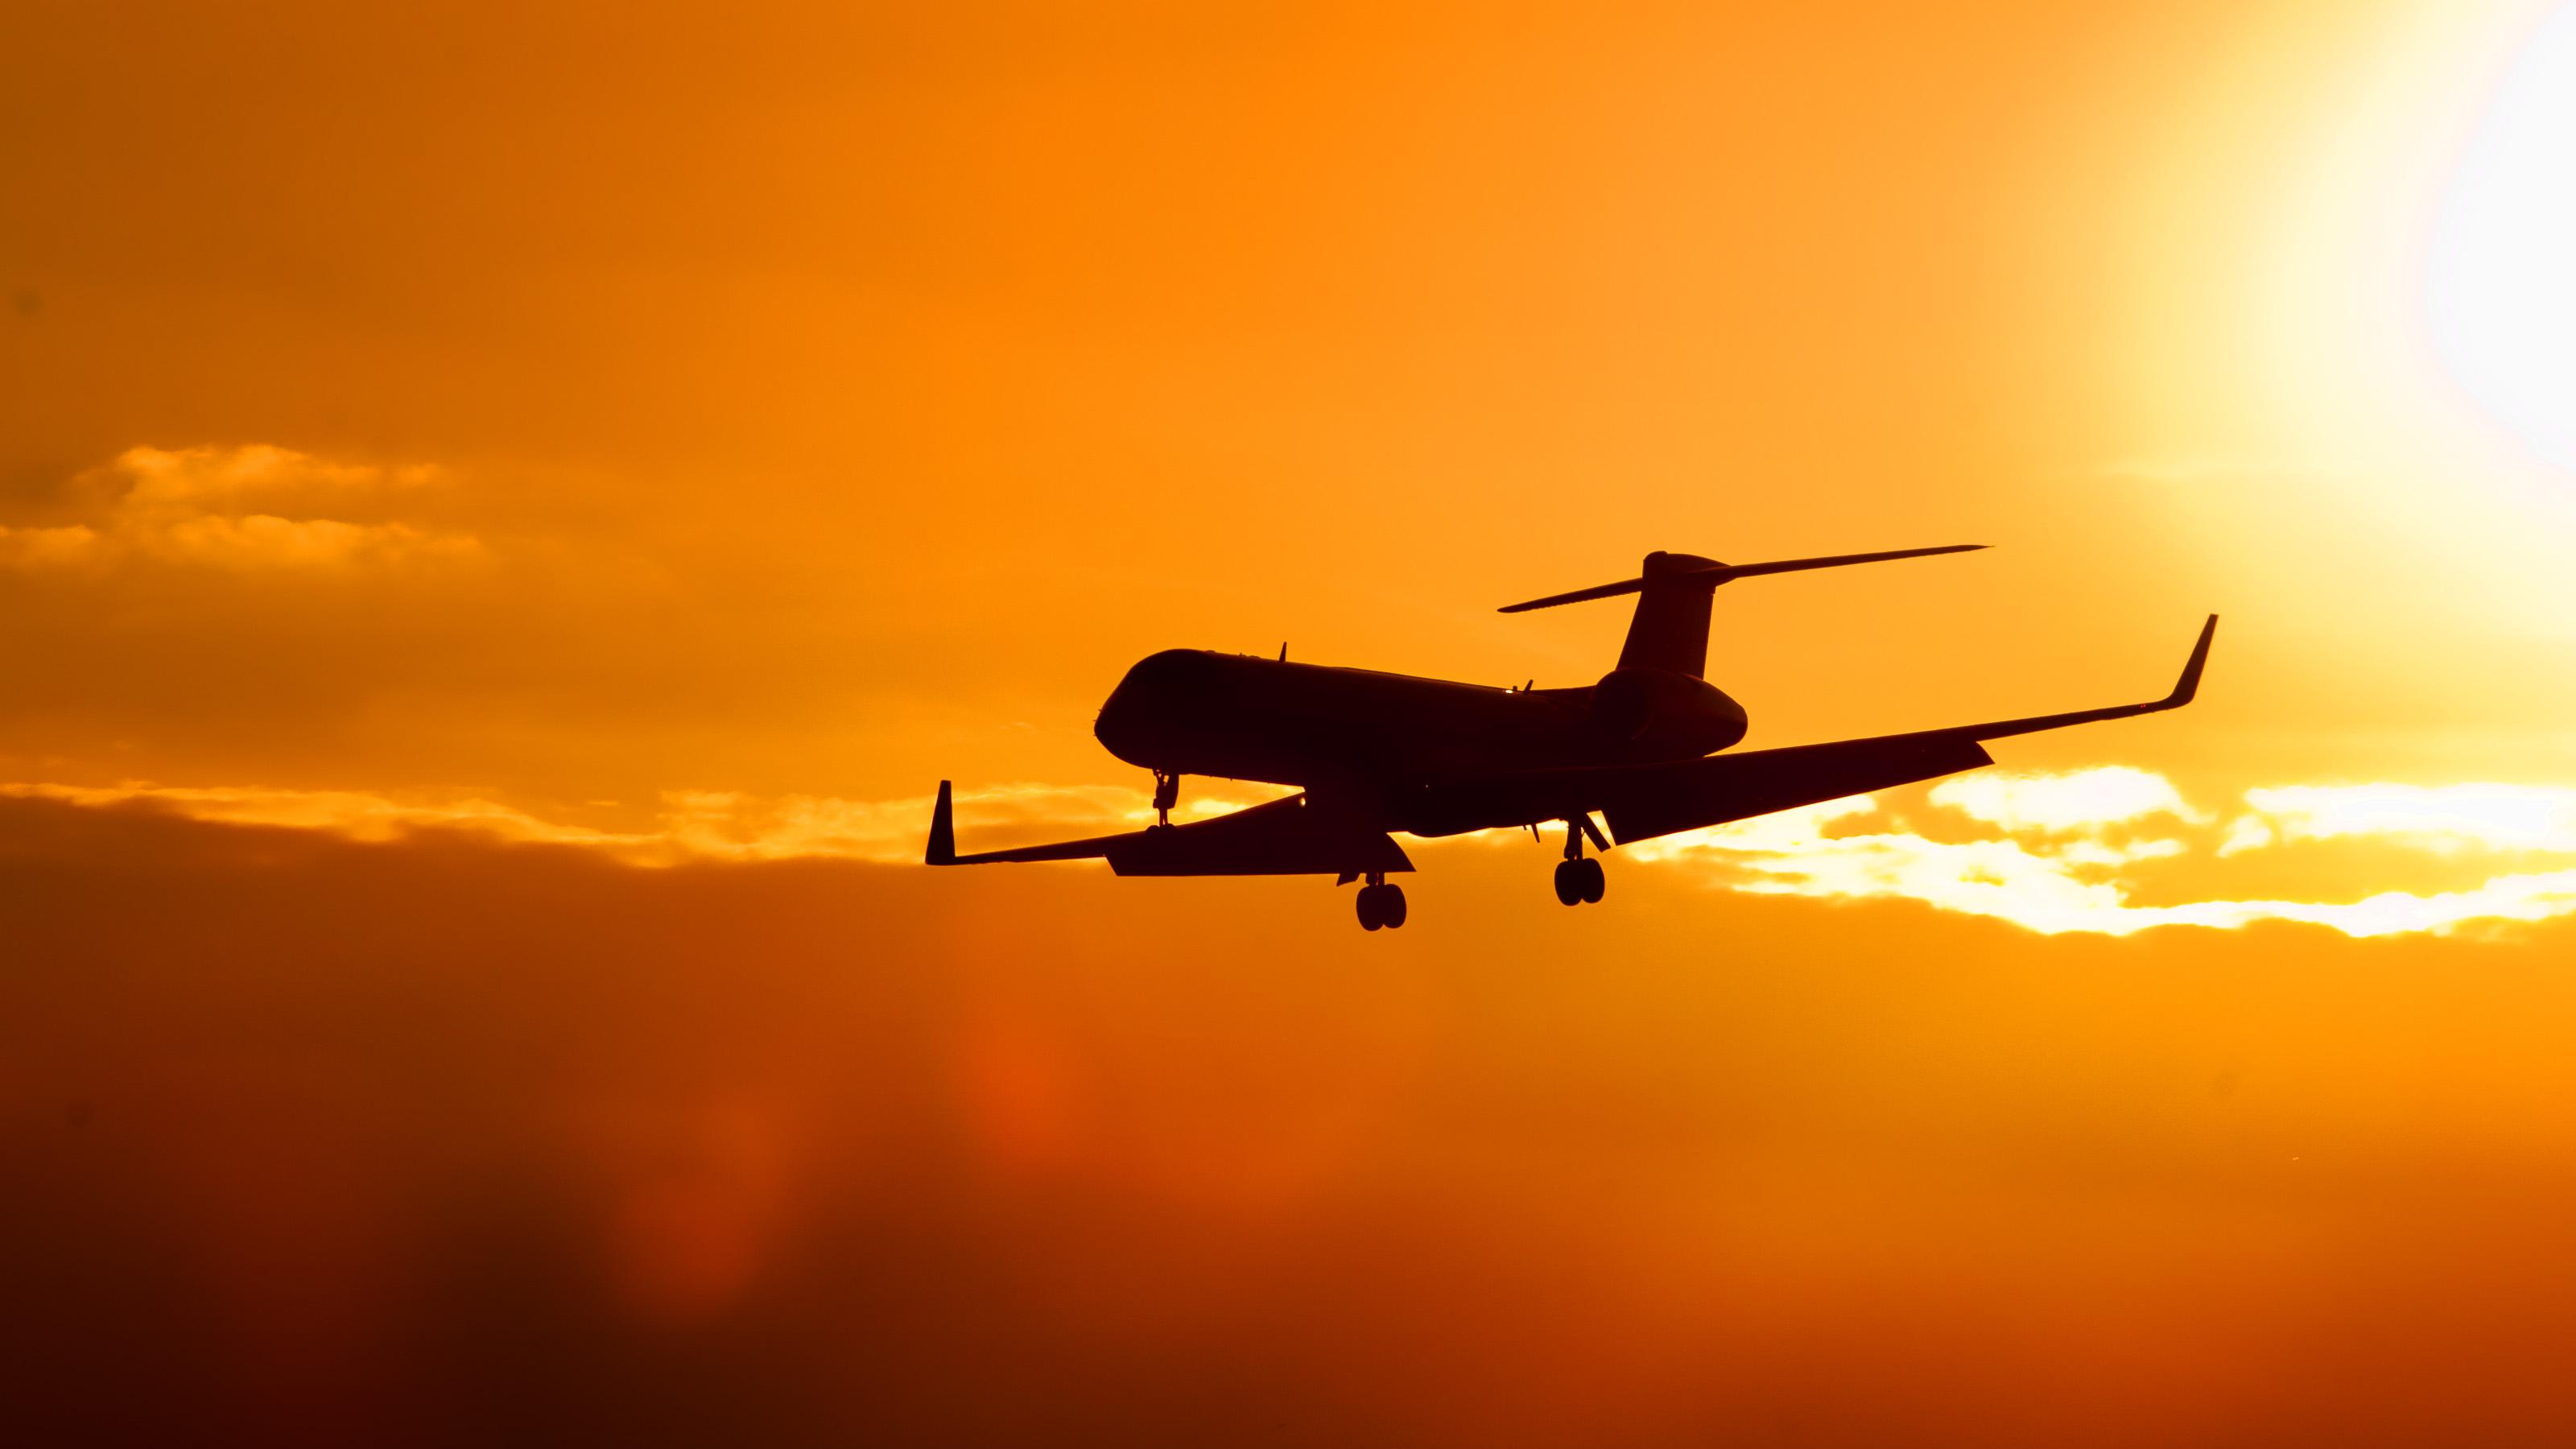 specijalne ponude avio karata beograd venecija cene